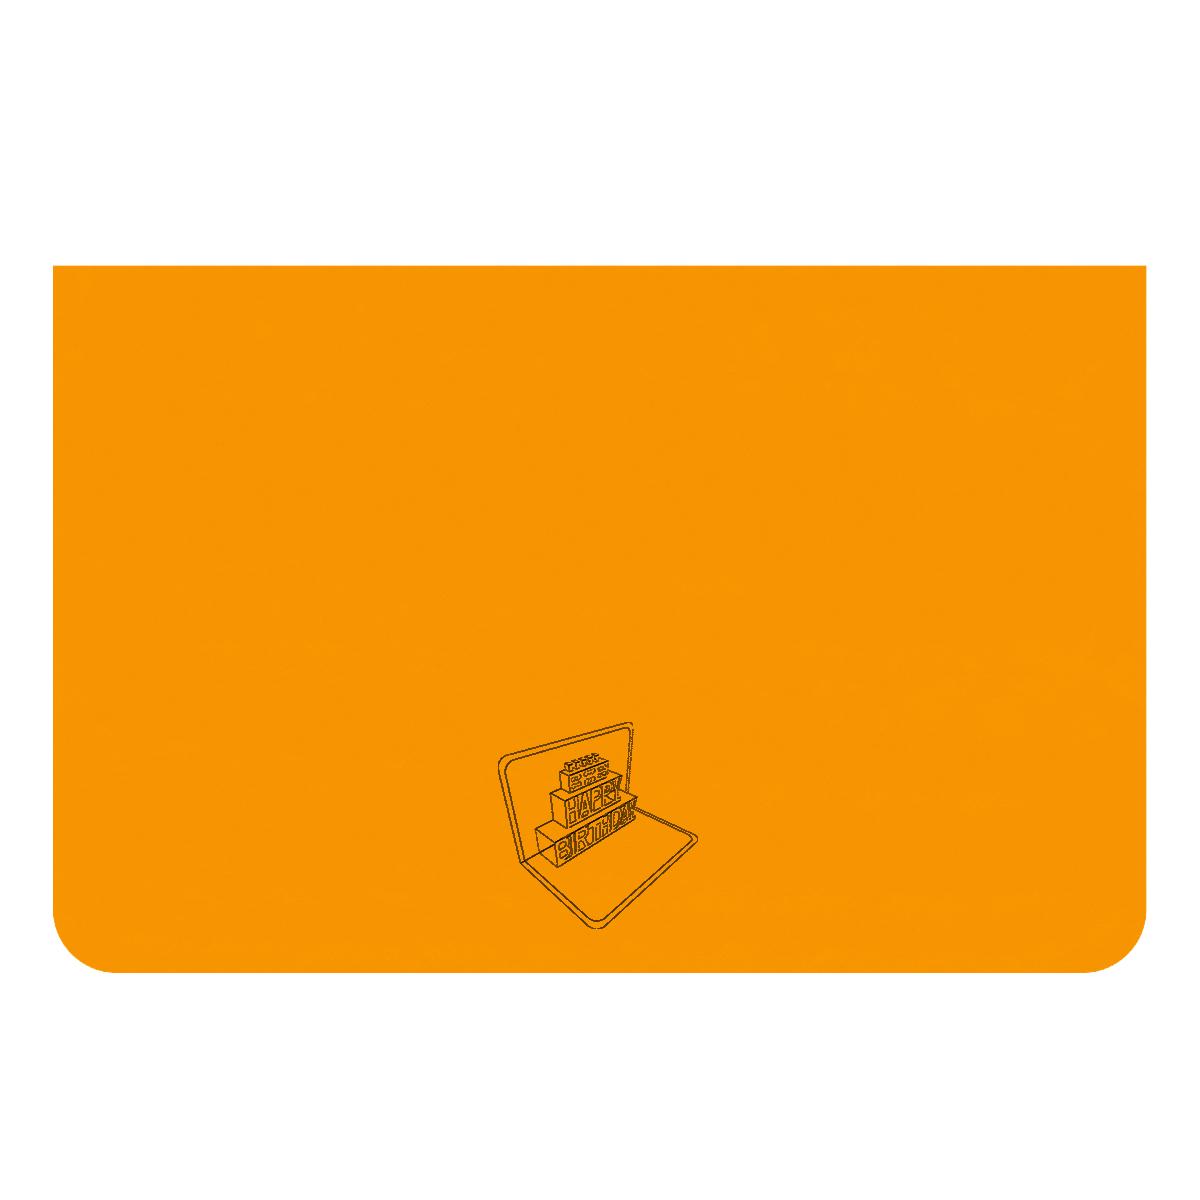 کارت پستال سه بعدی آلتین آی کد H4009